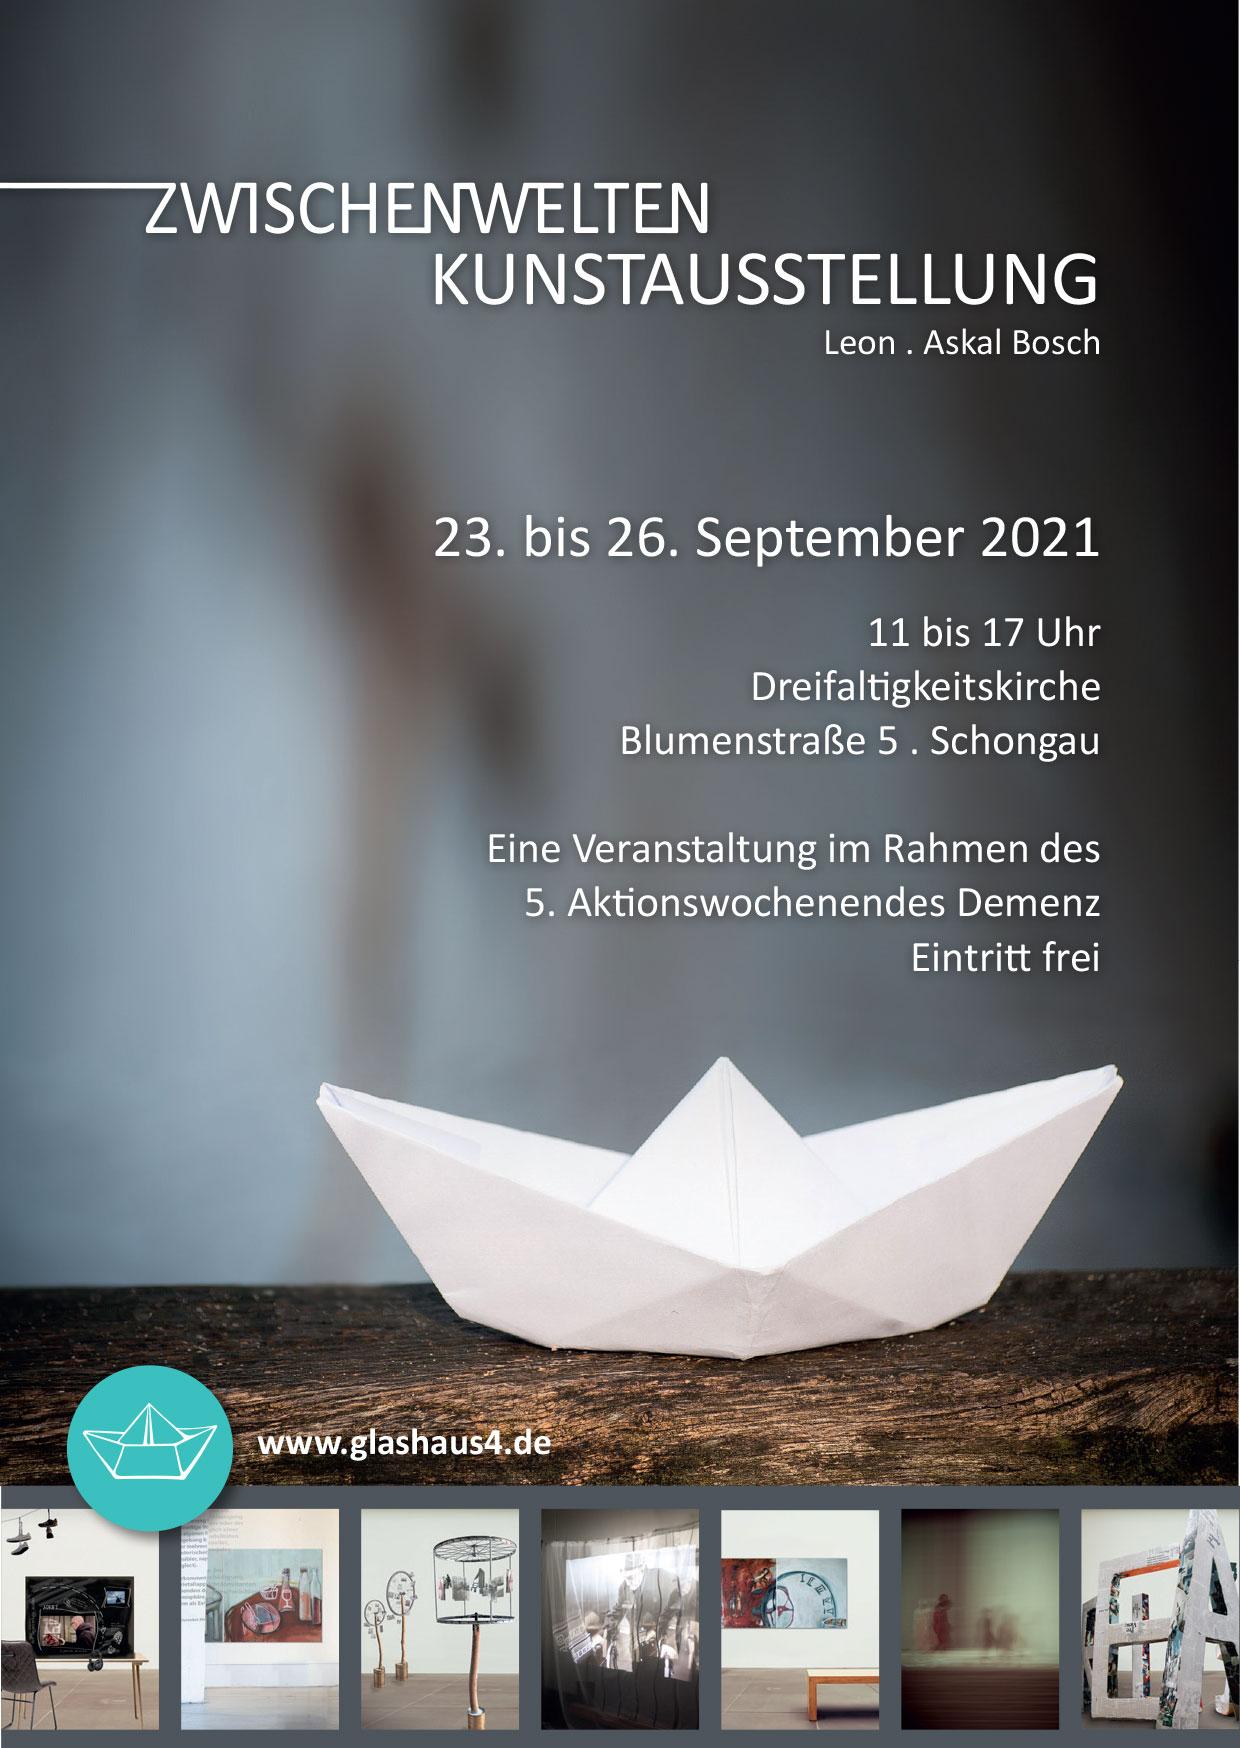 Flyer-Zwischenwelten-Kunstausstellung